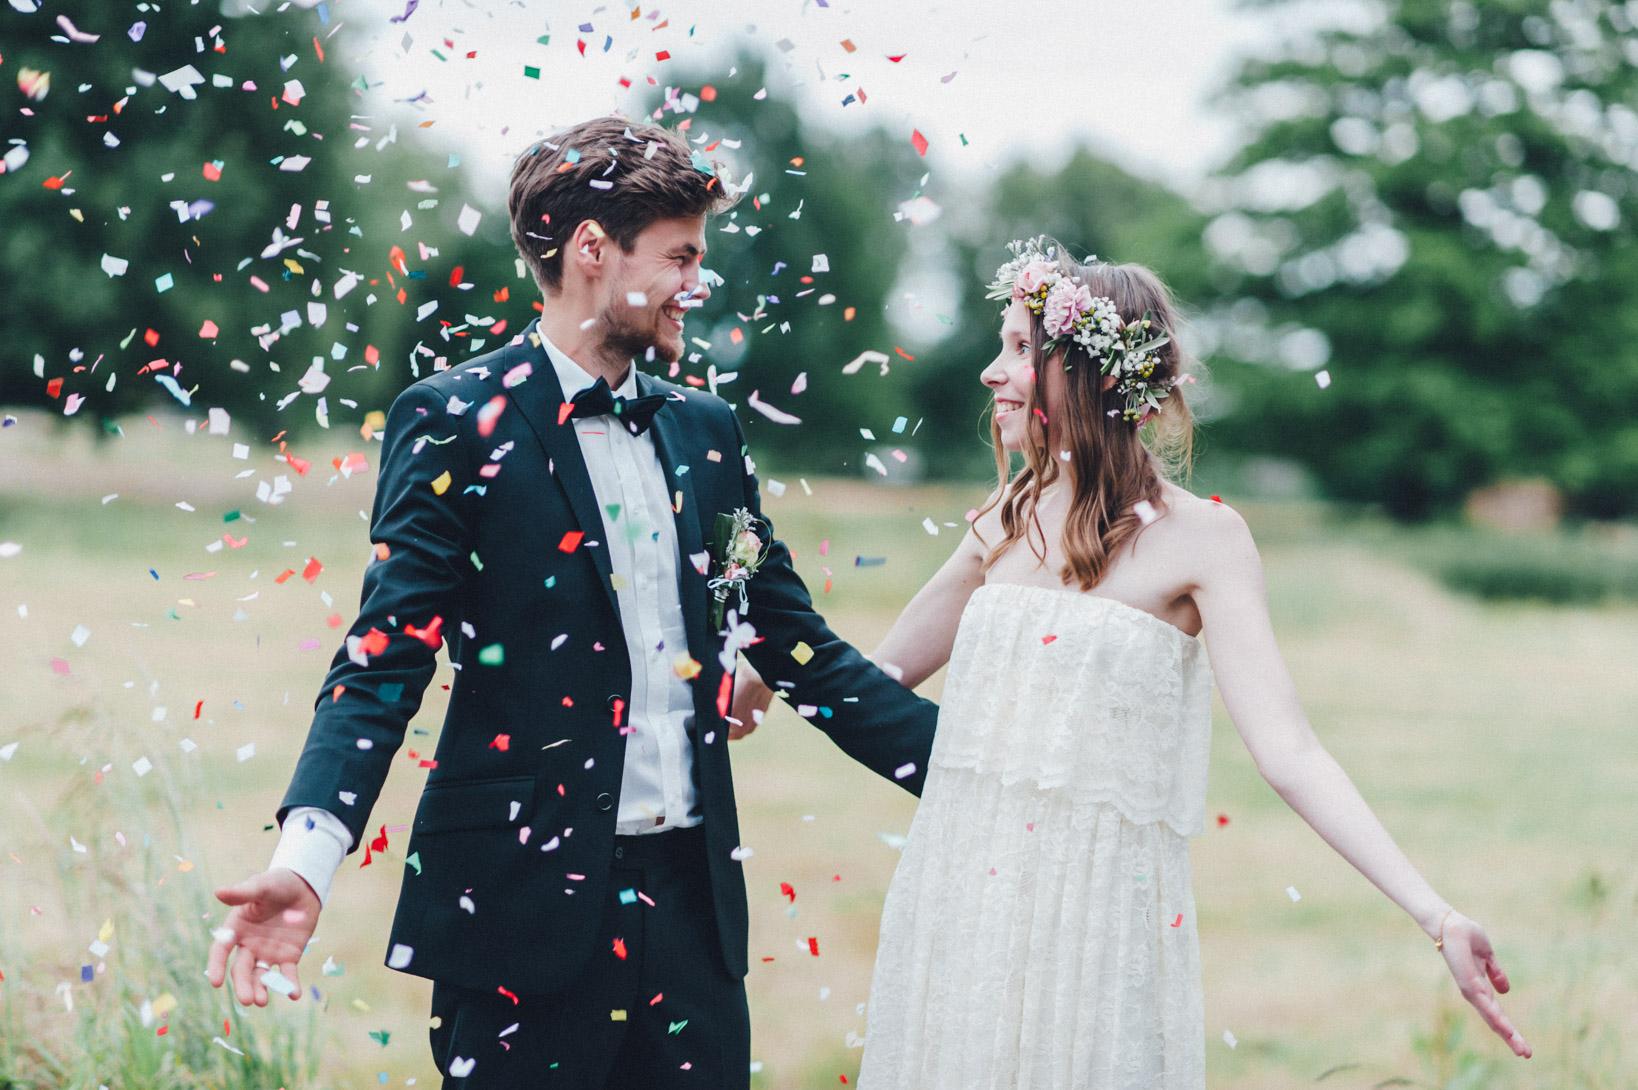 DIY-Hochzeit-gold-VW-Bully-113 Janet & Pierre DIY Midsummer-Wedding in Gold mit VW BulliDIY Hochzeit gold VW Bully 113